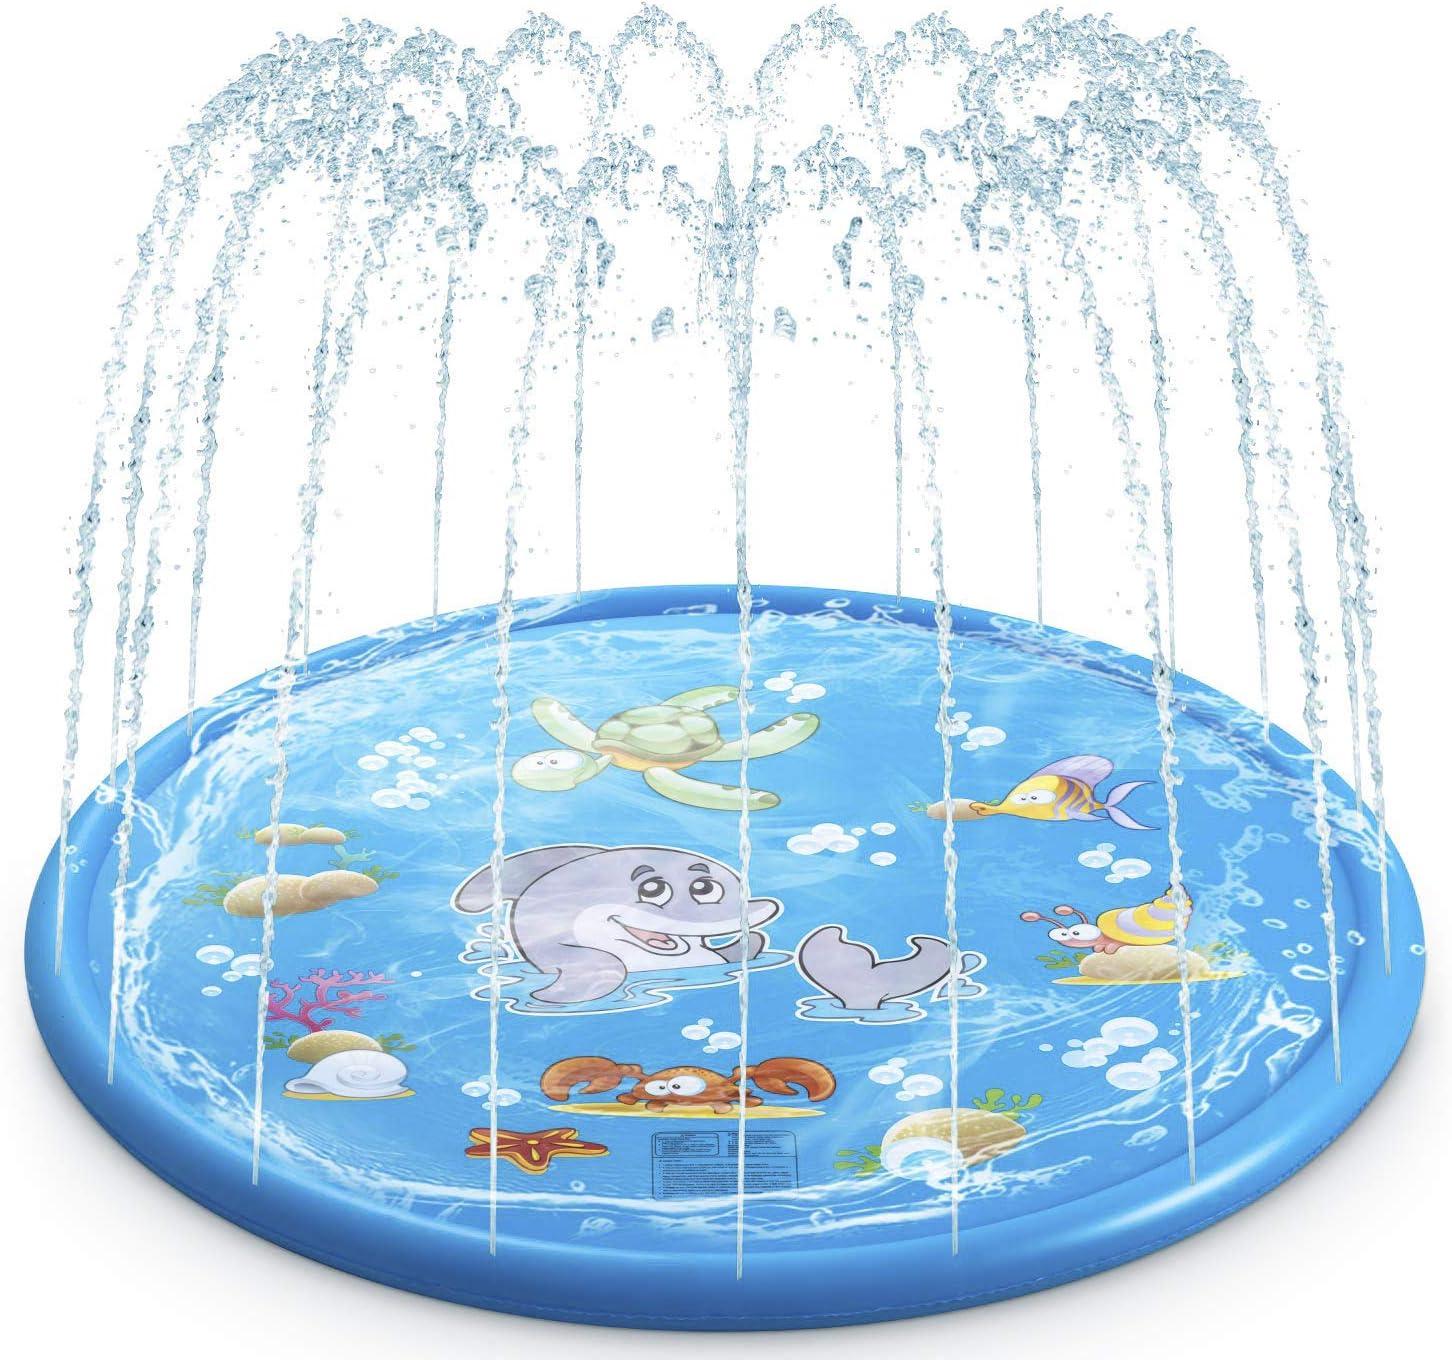 Water Sprinkler Pad